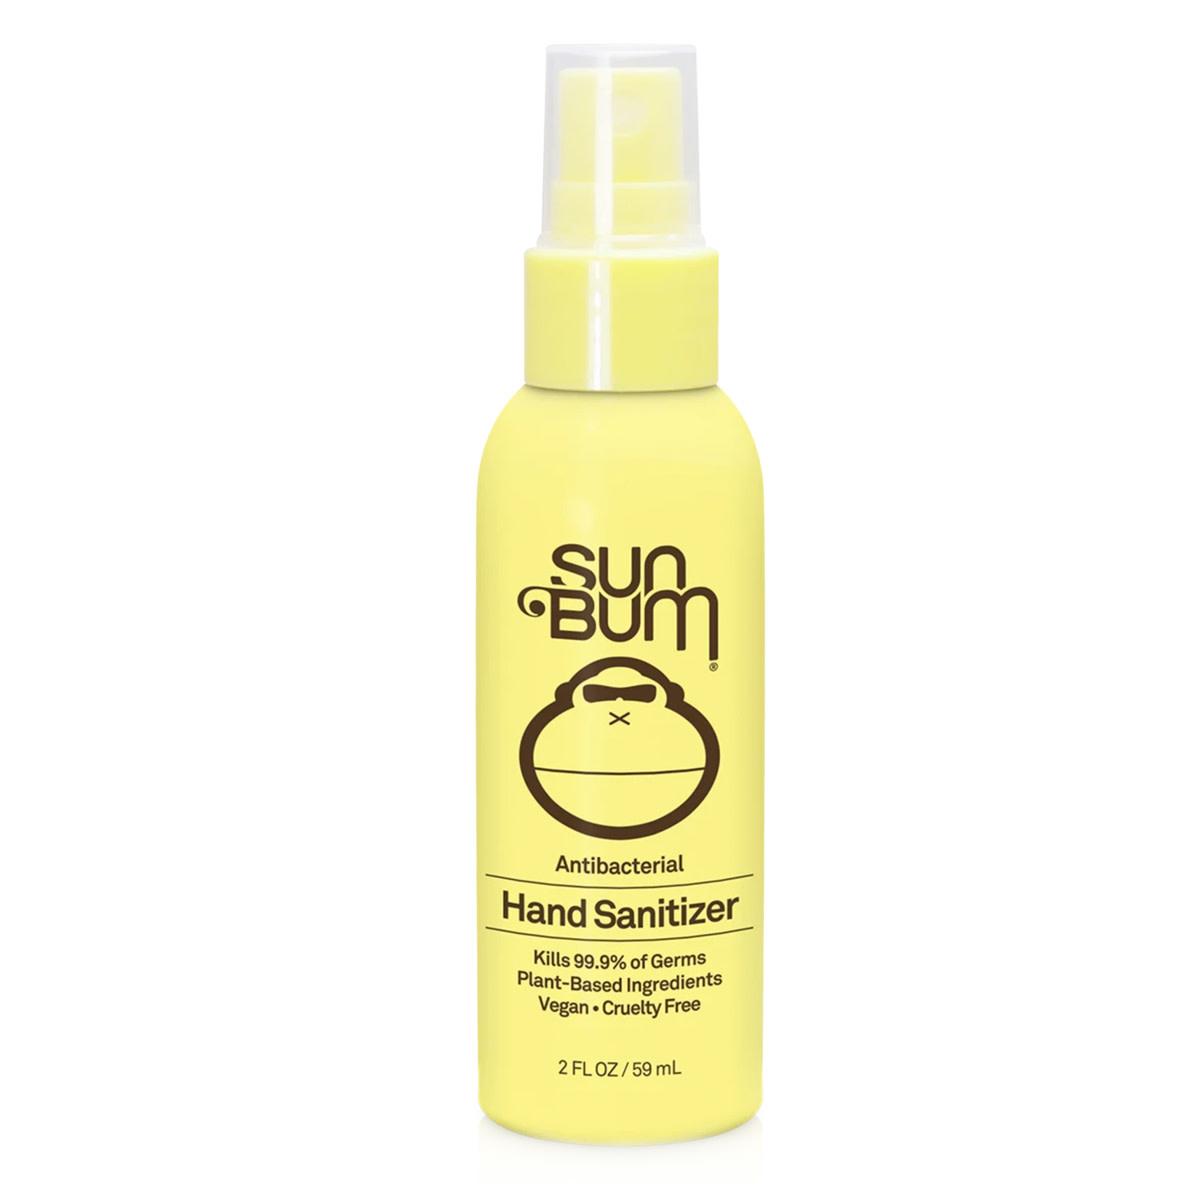 Sun Bum Sun Bum Hand Sanitizer